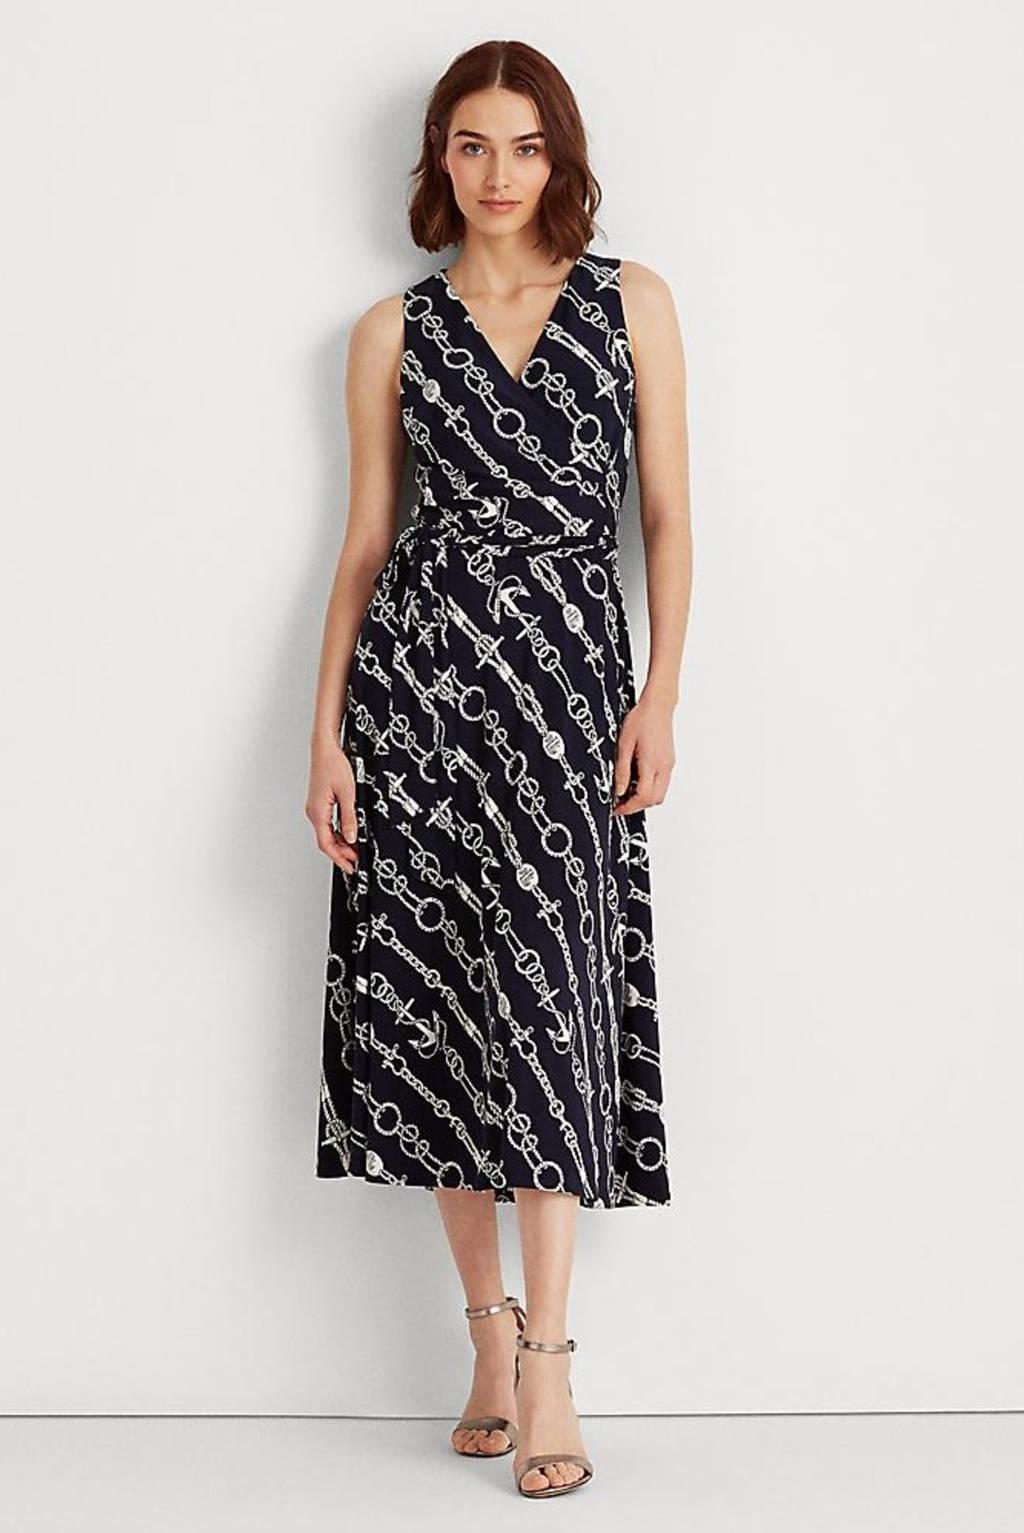 Lauren Ralph Lauren jurk Carana met all over print donkerblauw/wit, Donkerblauw/wit